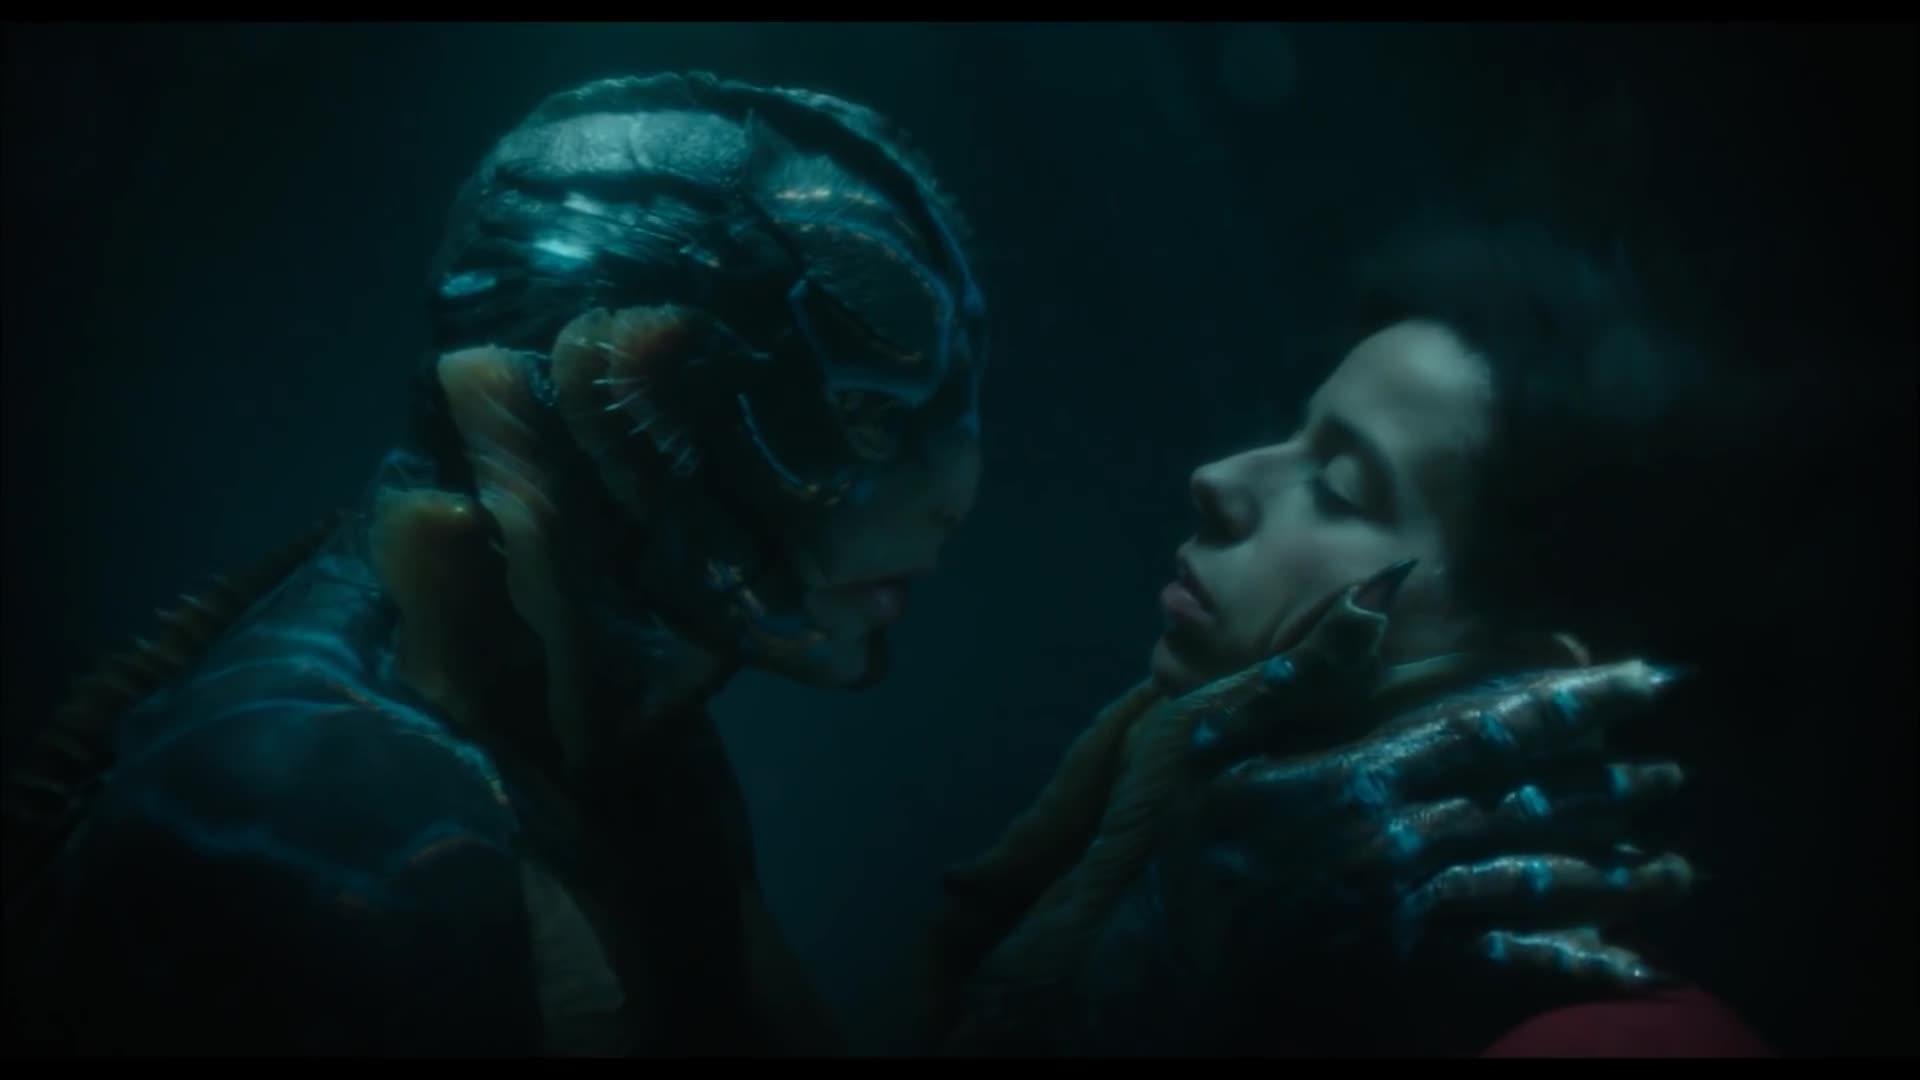 The Shape Of Water Kiss Scene Gif By Norman Freak89 Gfycat